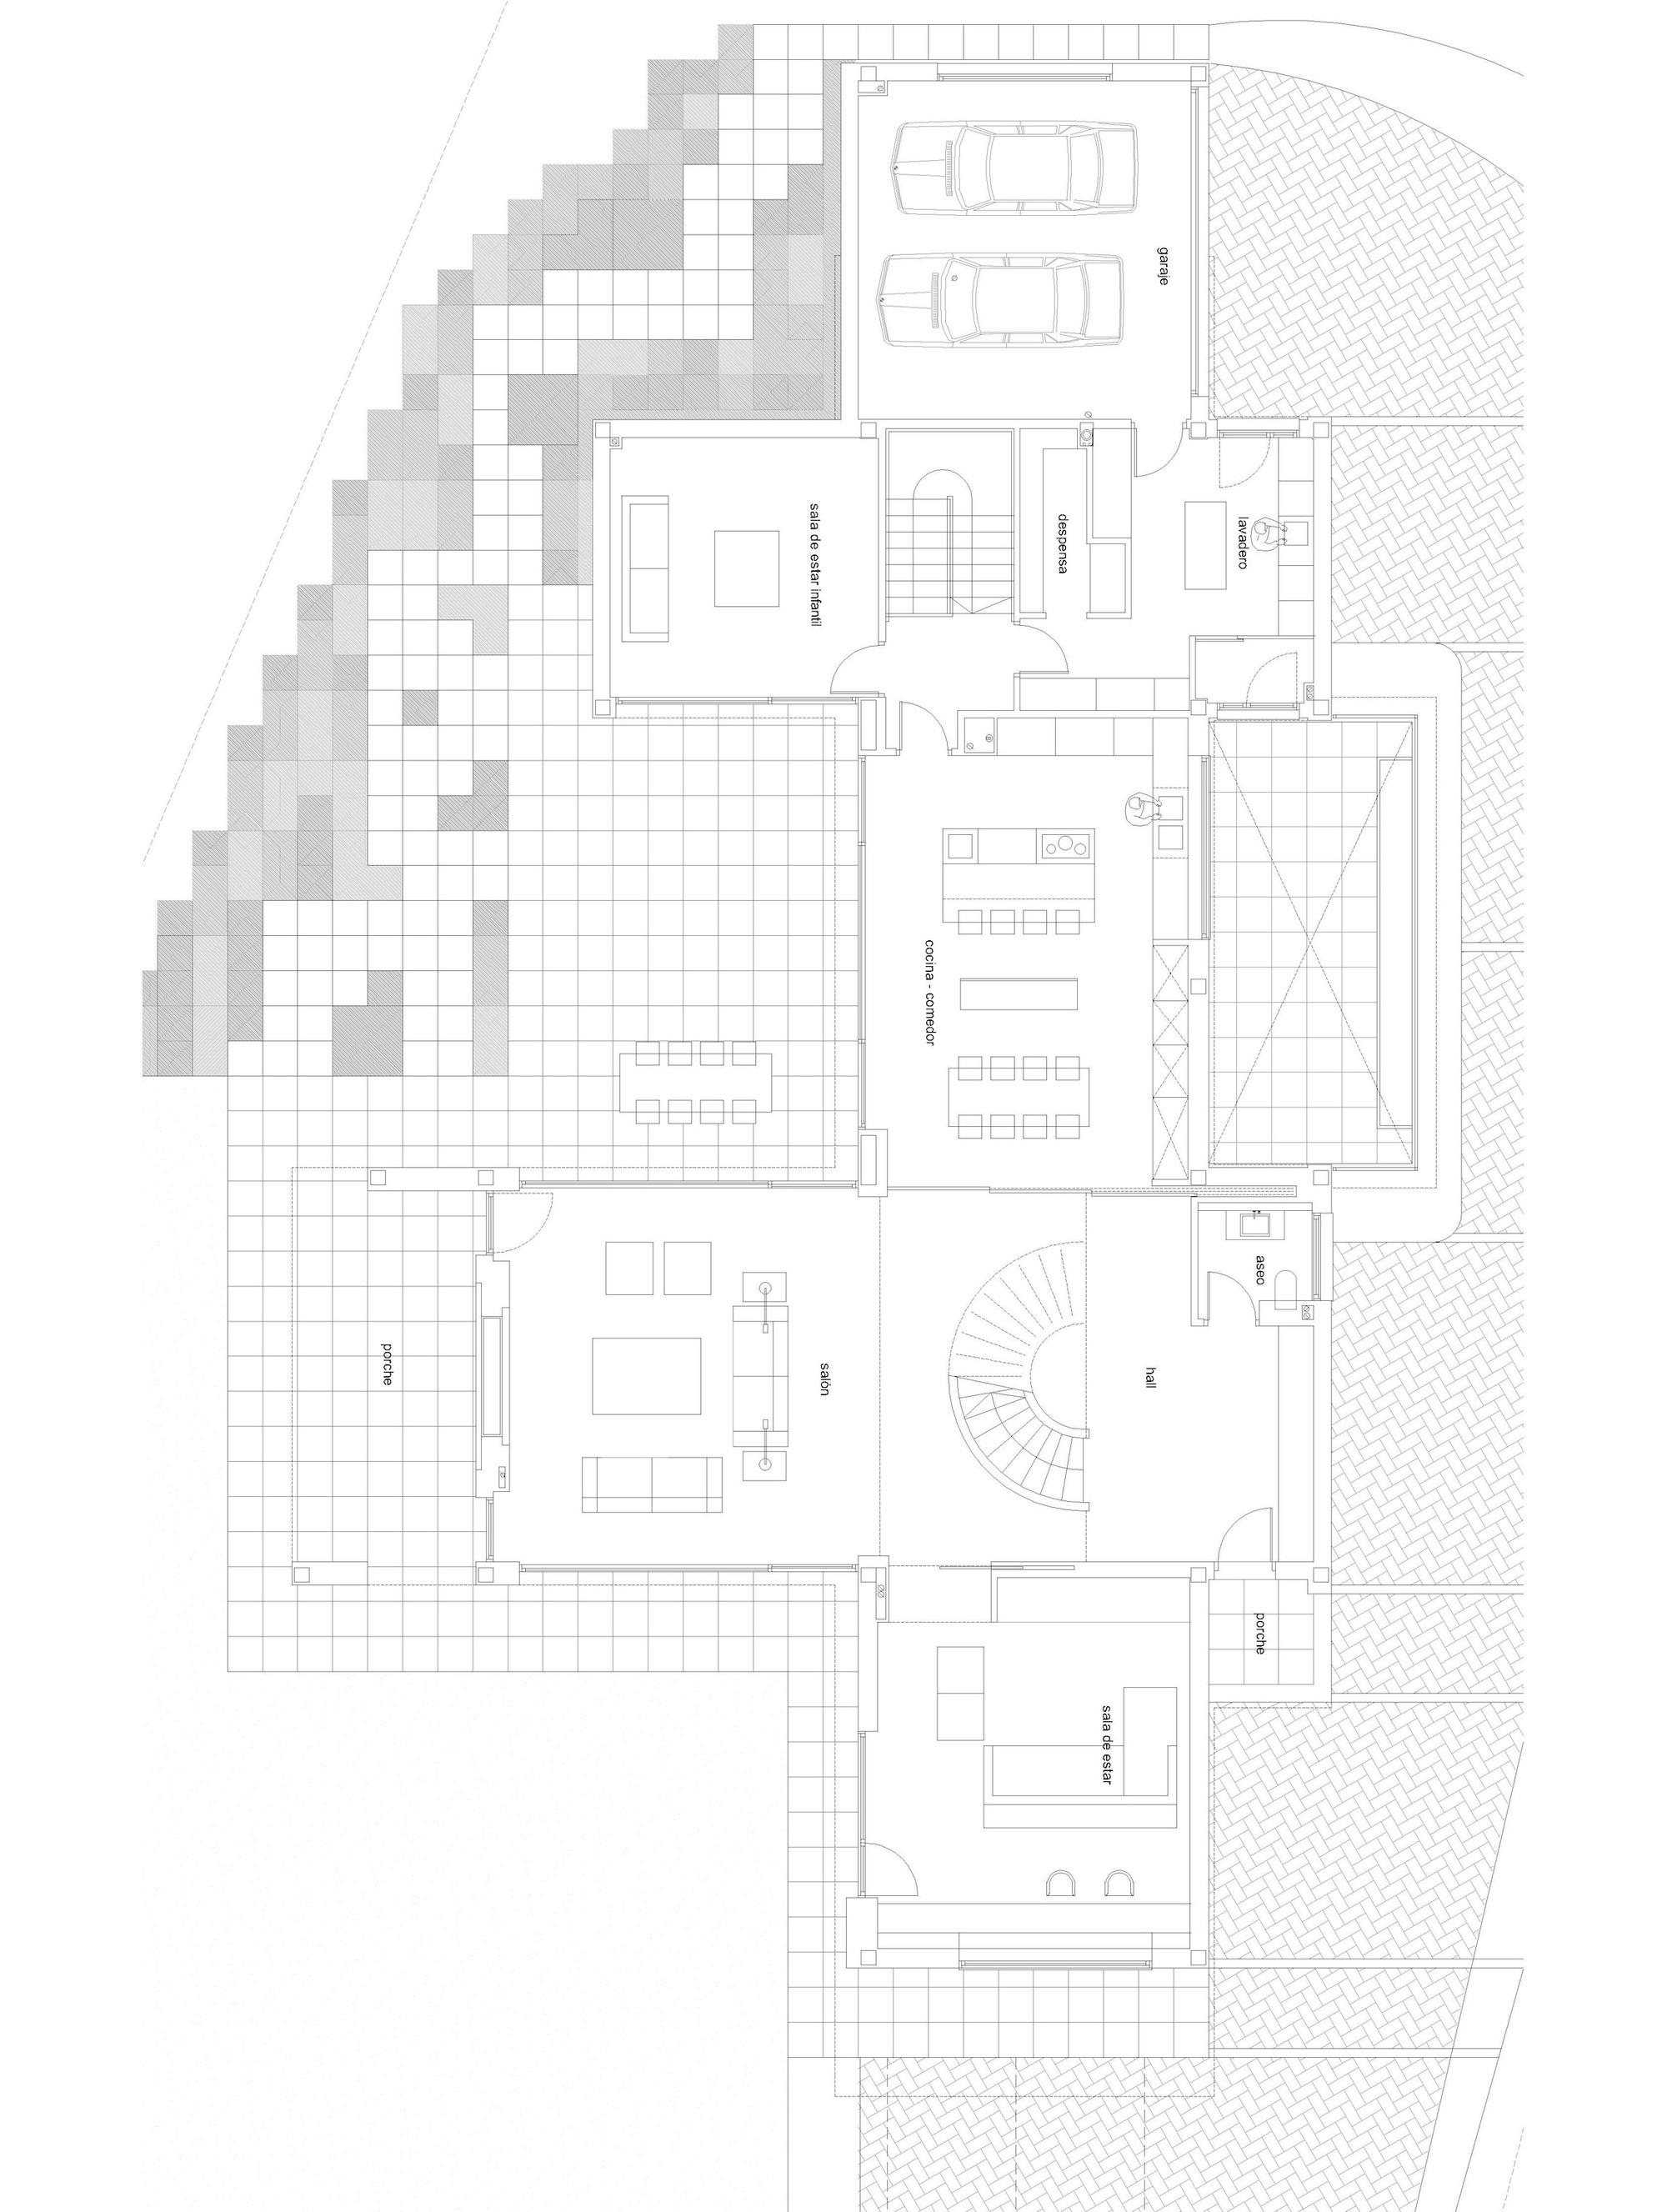 Galer a de casa en la bilban a foraster arquitectos 18 - Foraster arquitectos ...